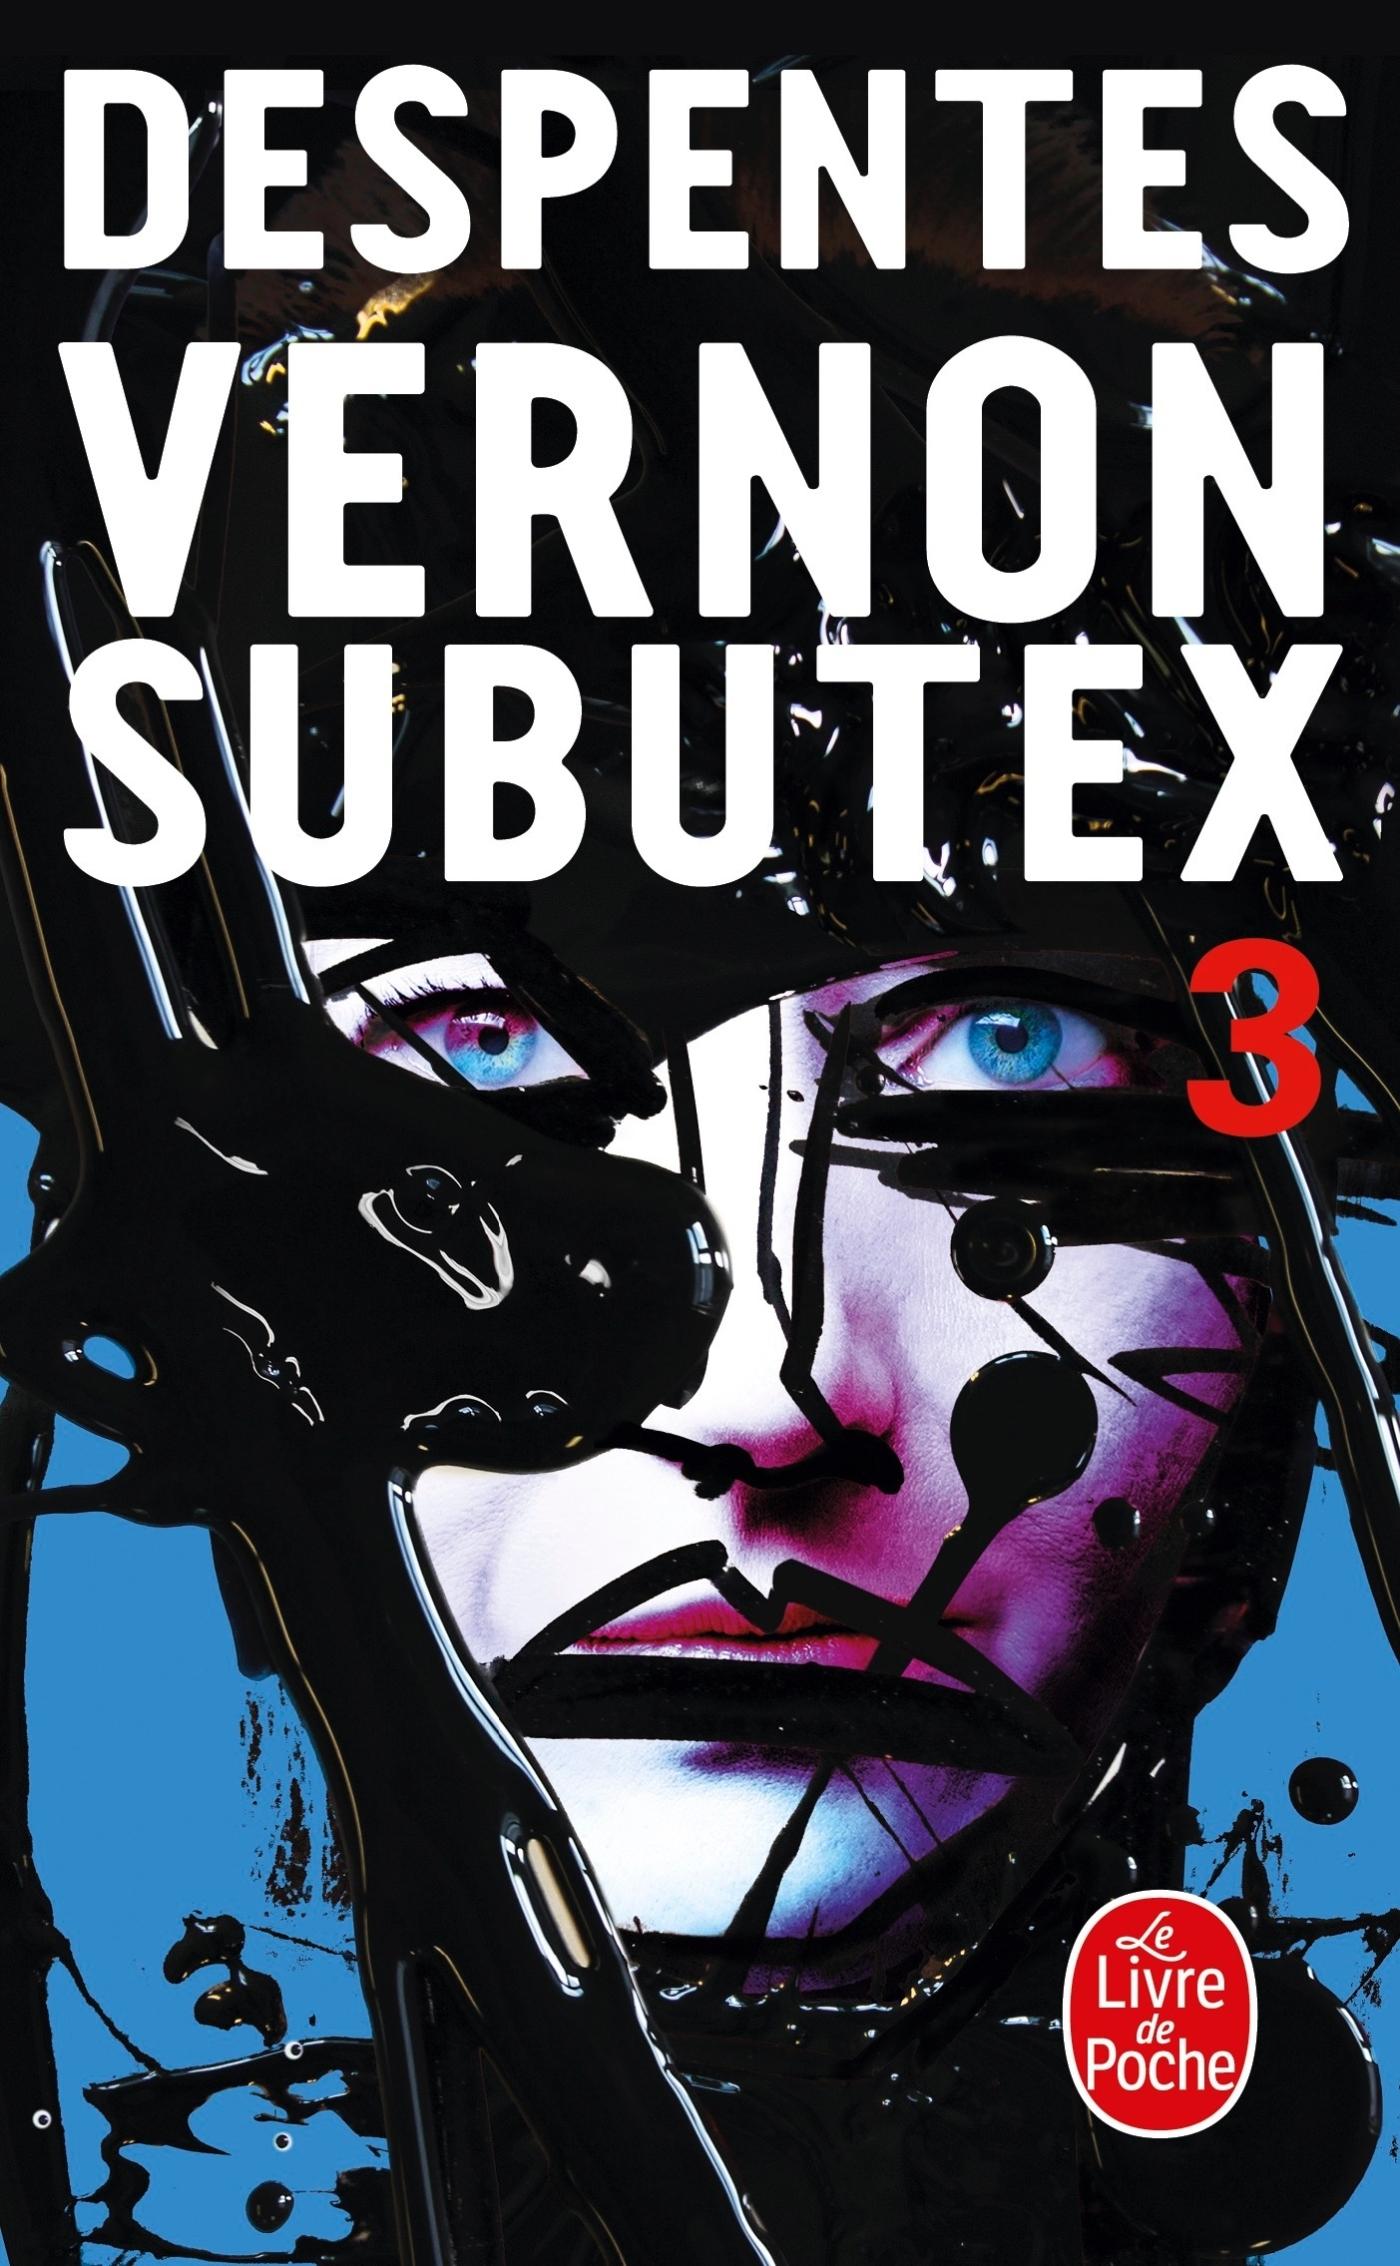 VERNON SUBUTEX (TOME 3)